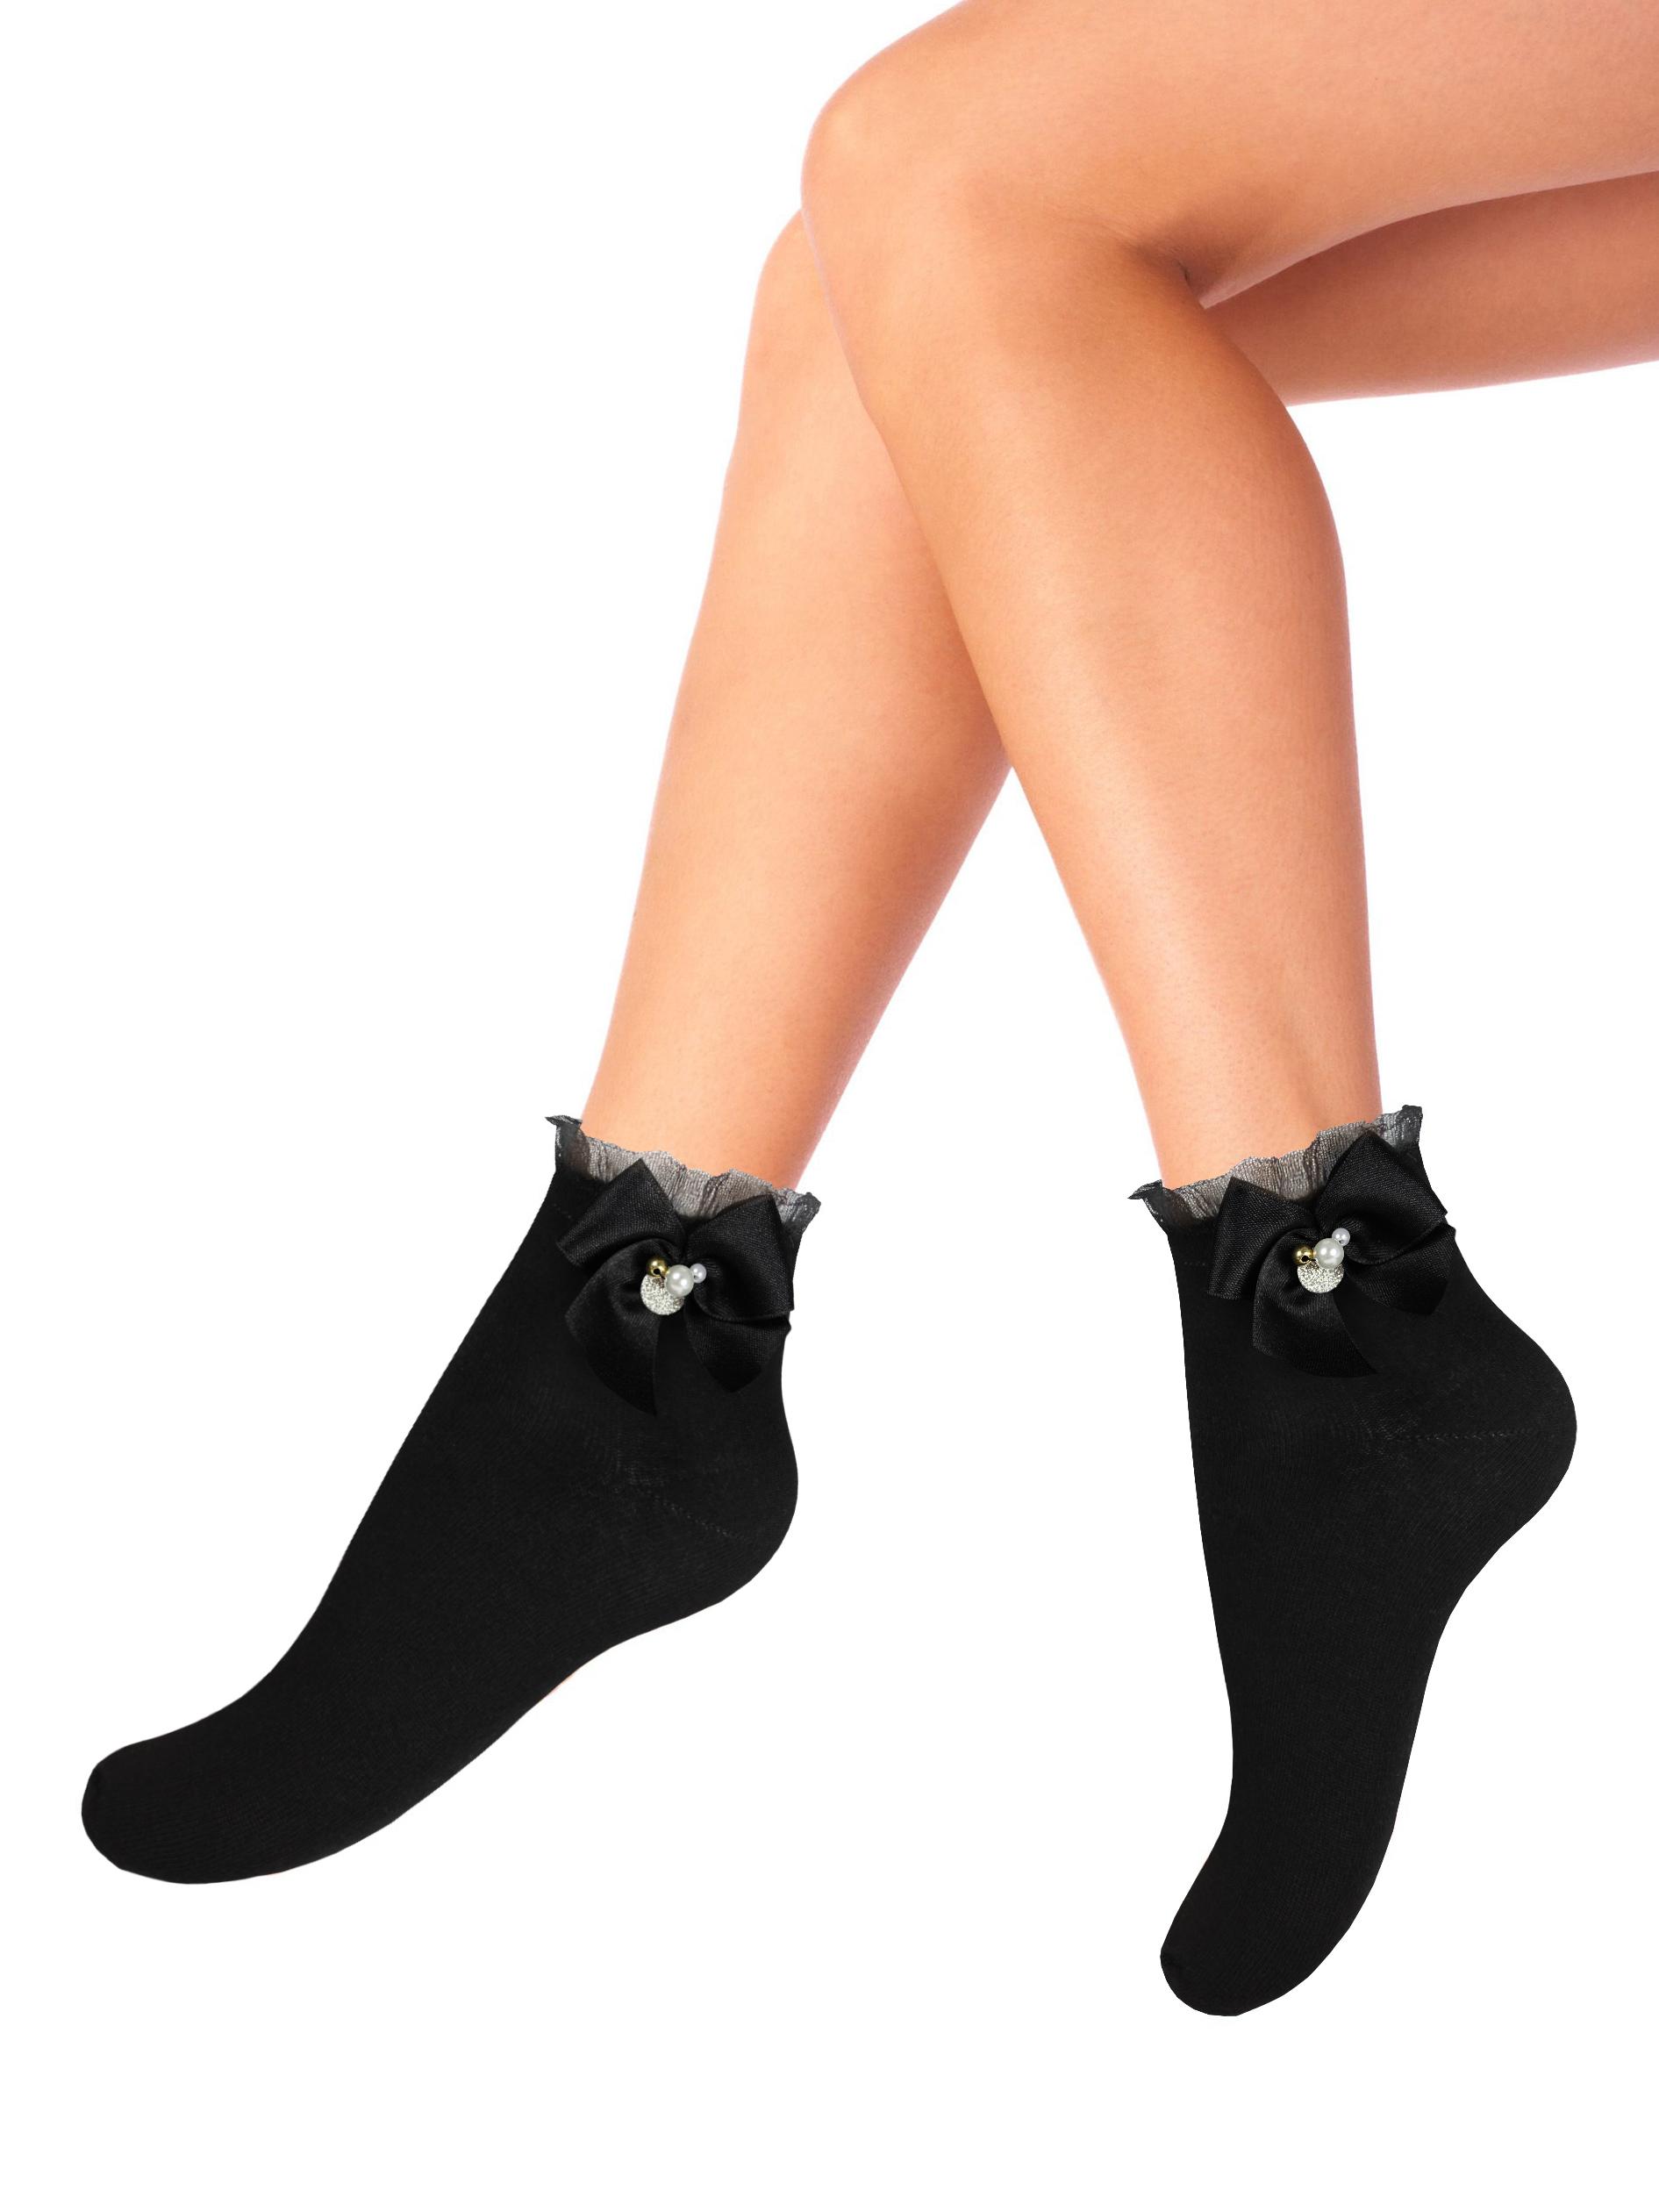 Носки женские Mademoiselle 9522-8 (большой бант) черные UNI